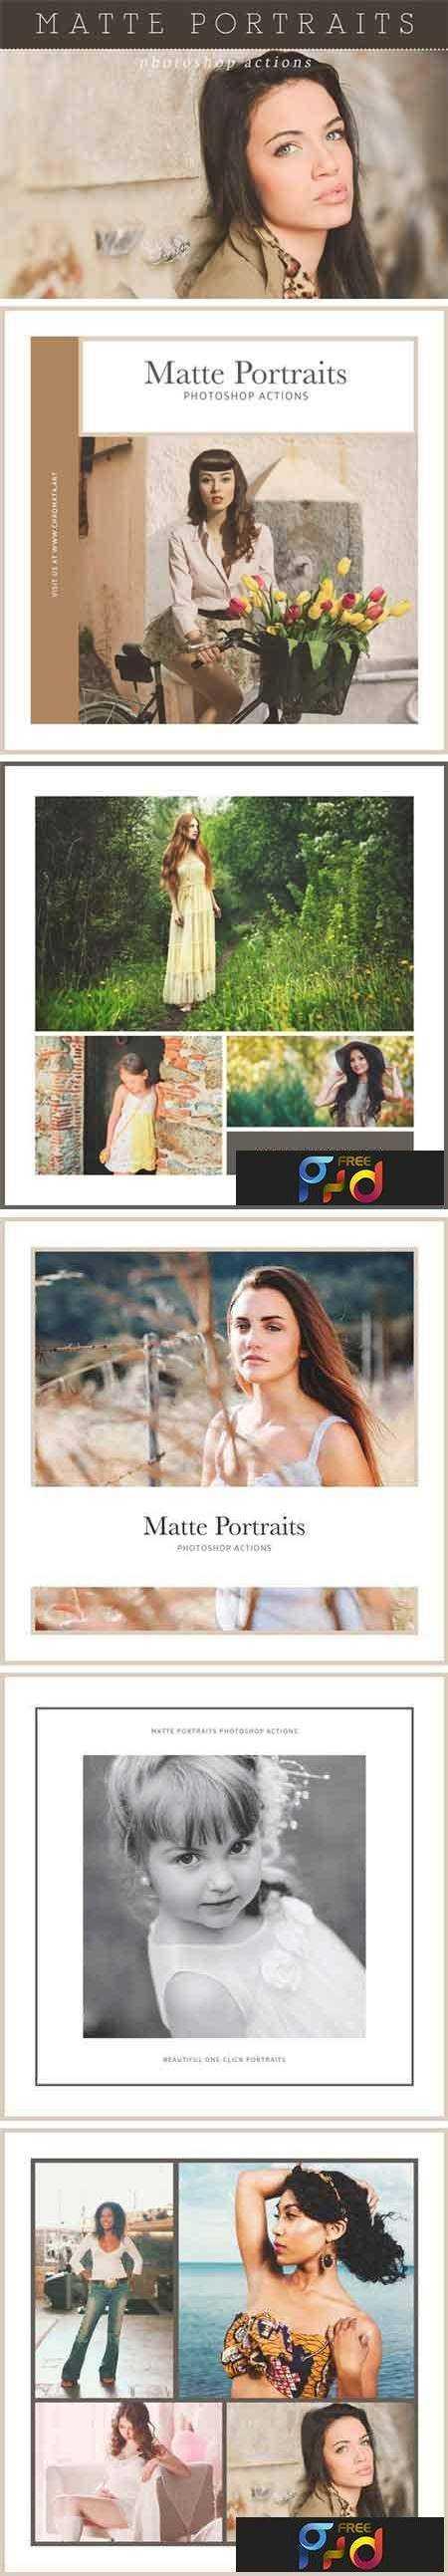 FreePsdVn.com_1705097_PHOTOSHOP_matte_portrait_photoshop_actions_1741258